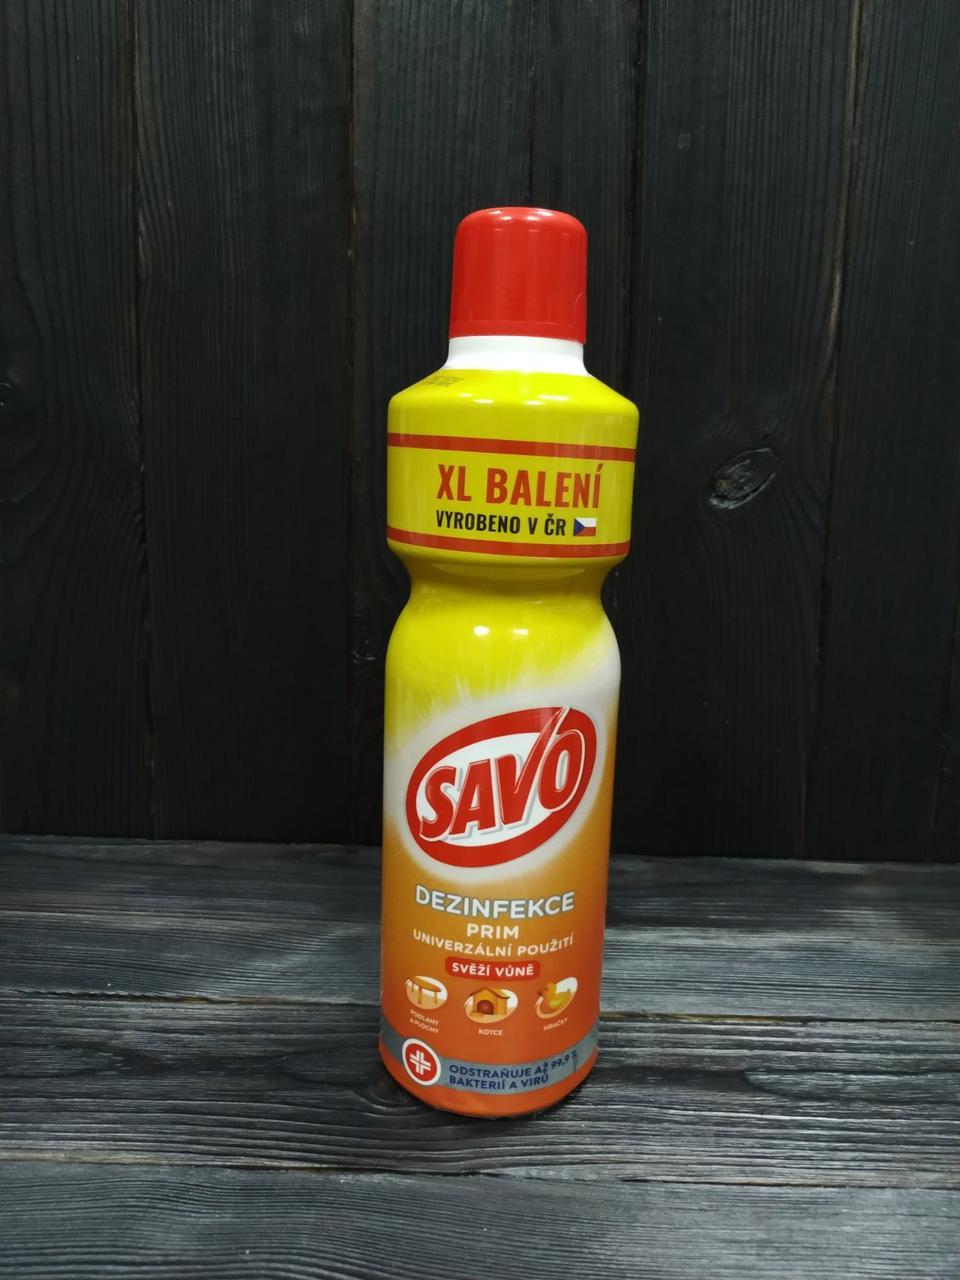 Savo Жидкое дезинфицирующее и чистящее средство Fresh scent 1,2 л